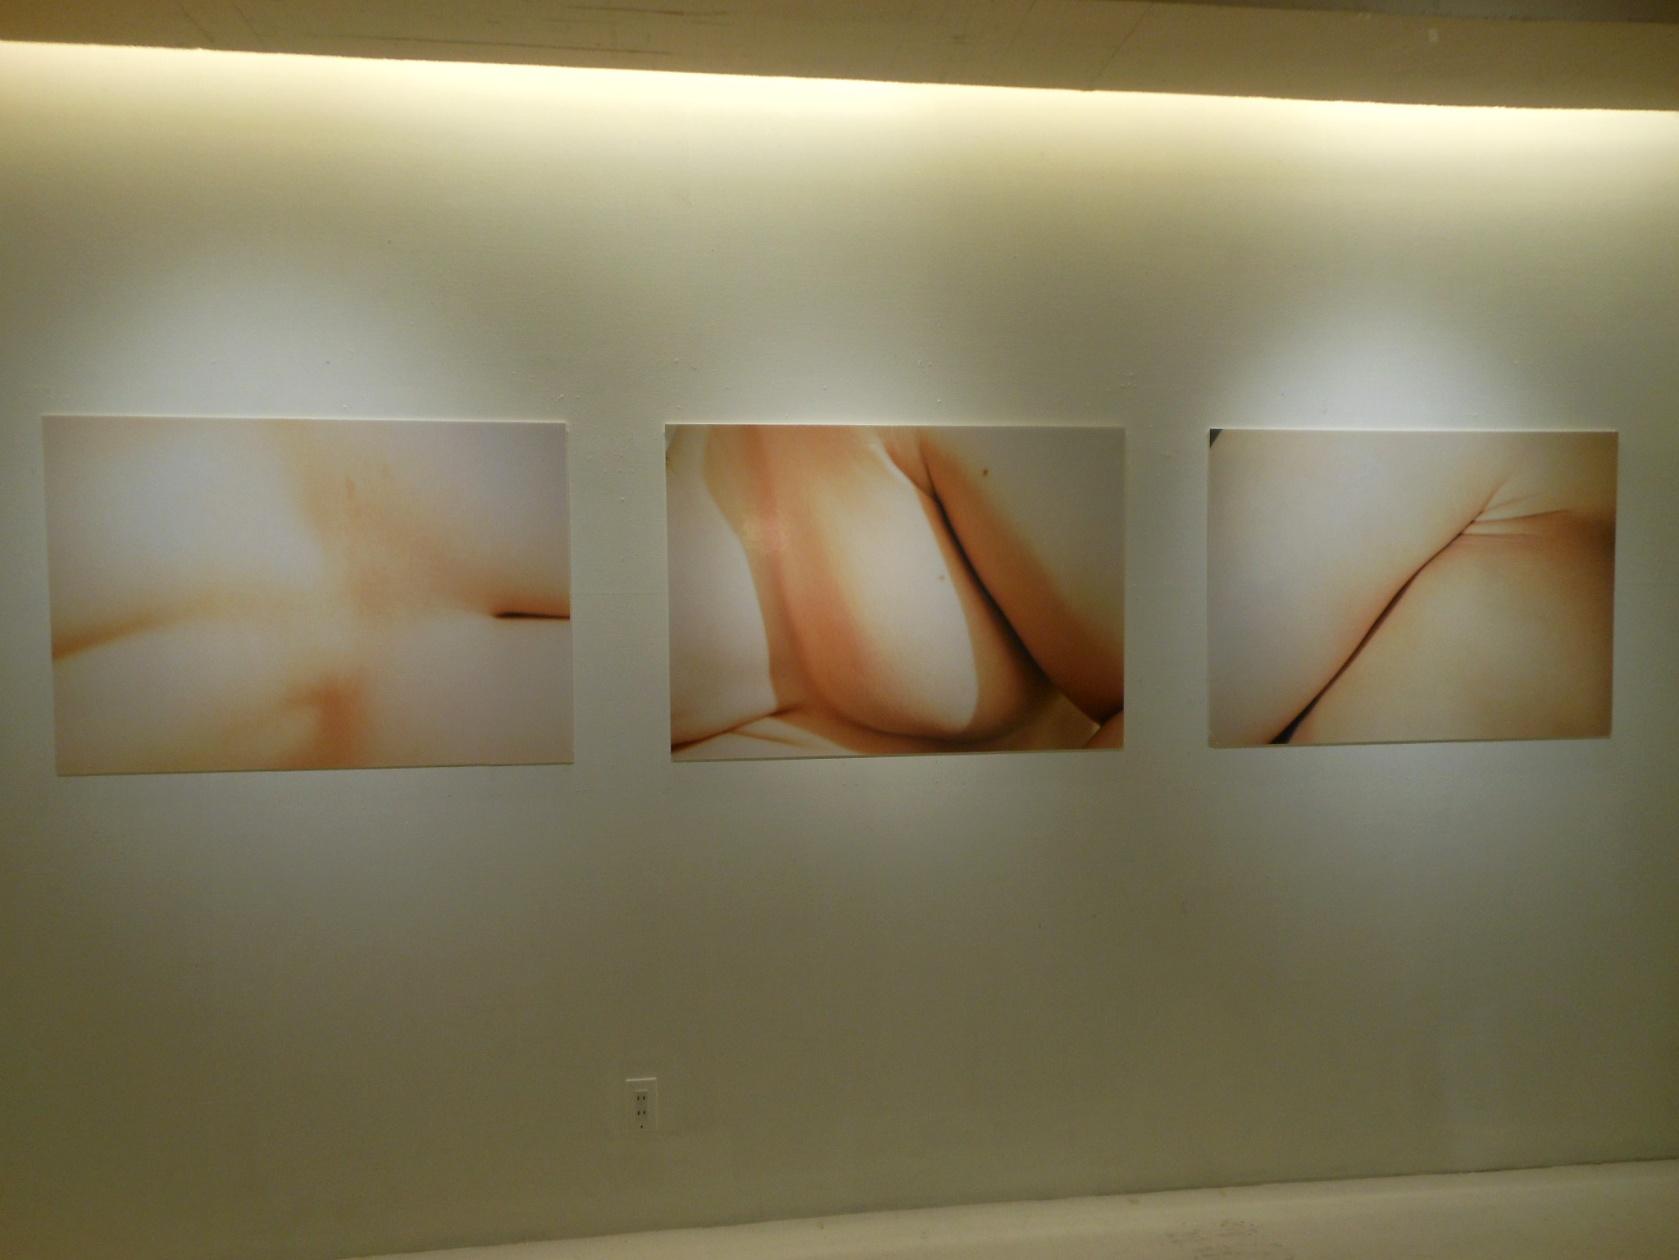 1702)「札幌市立大学 写真・映像部「SEED」 -拡張する視覚-(4人展)」アイボリー 4月11日(木)~4月15日(日)_f0126829_21341564.jpg